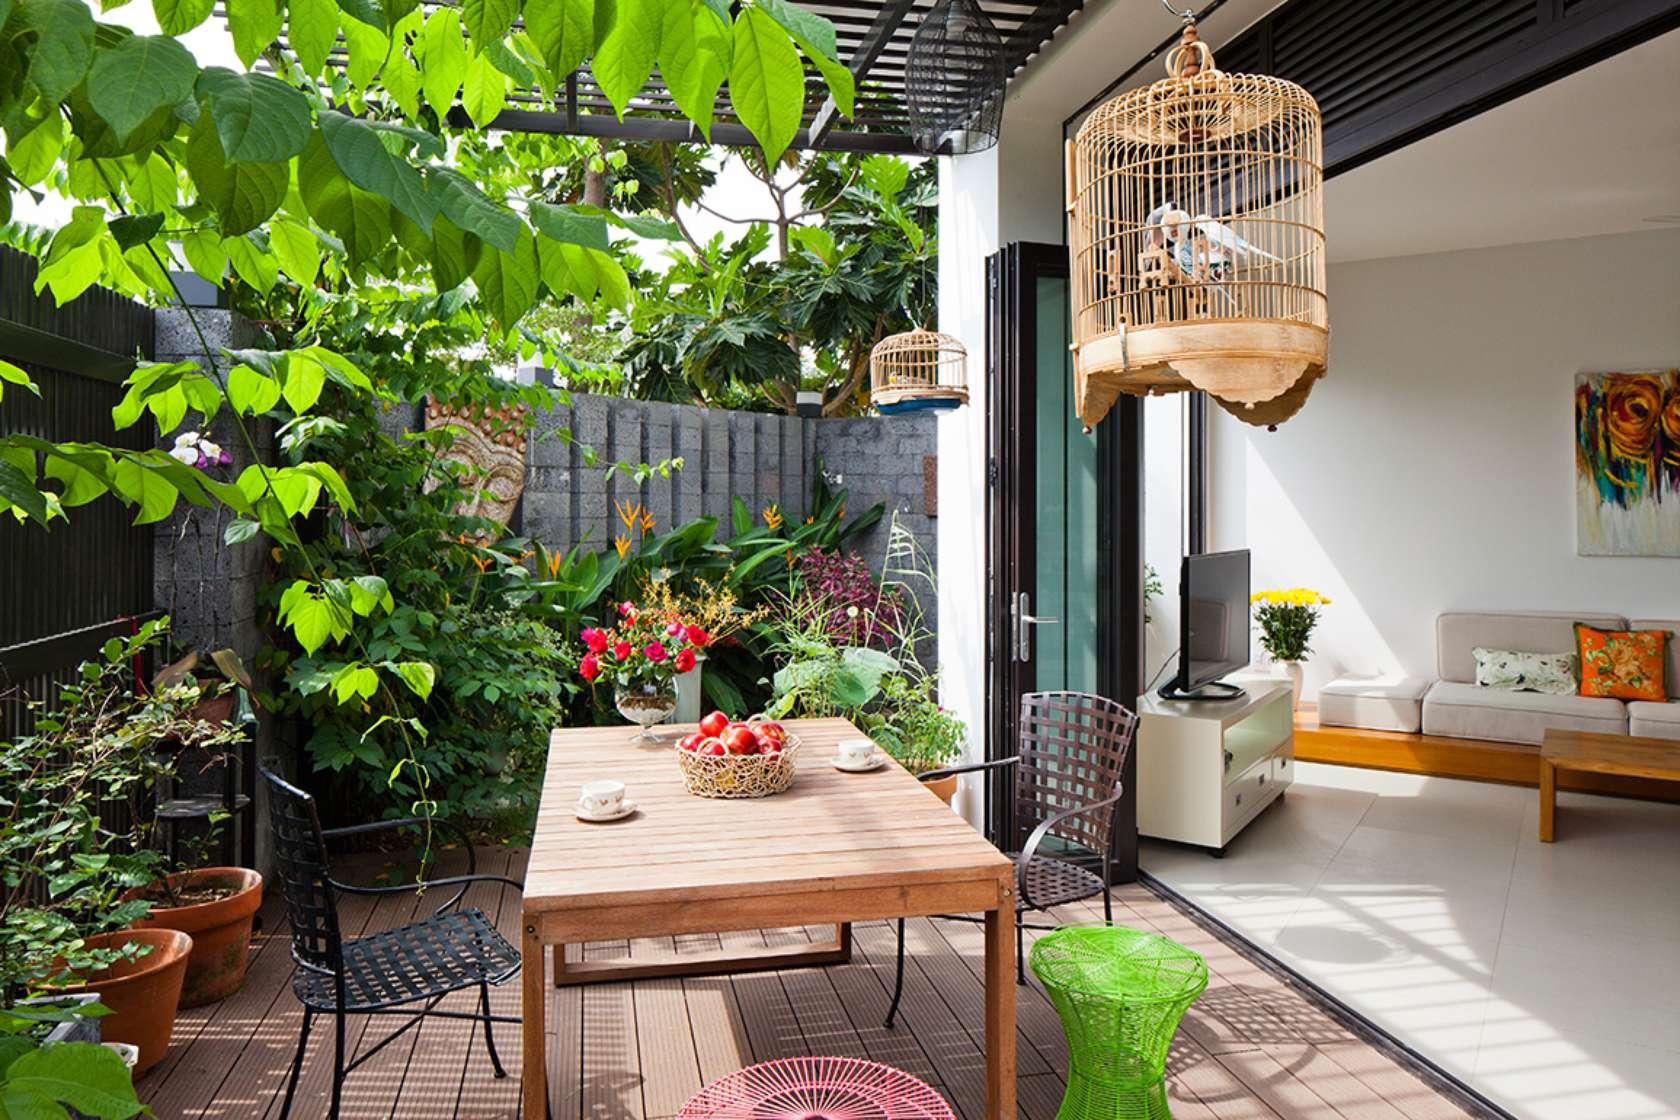 Báo Tây khen không tiếc lời công trình nhà phố 3 tầng có sân vườn cực đẹp ở Sài Gòn - Nhà Đẹp Số (8)